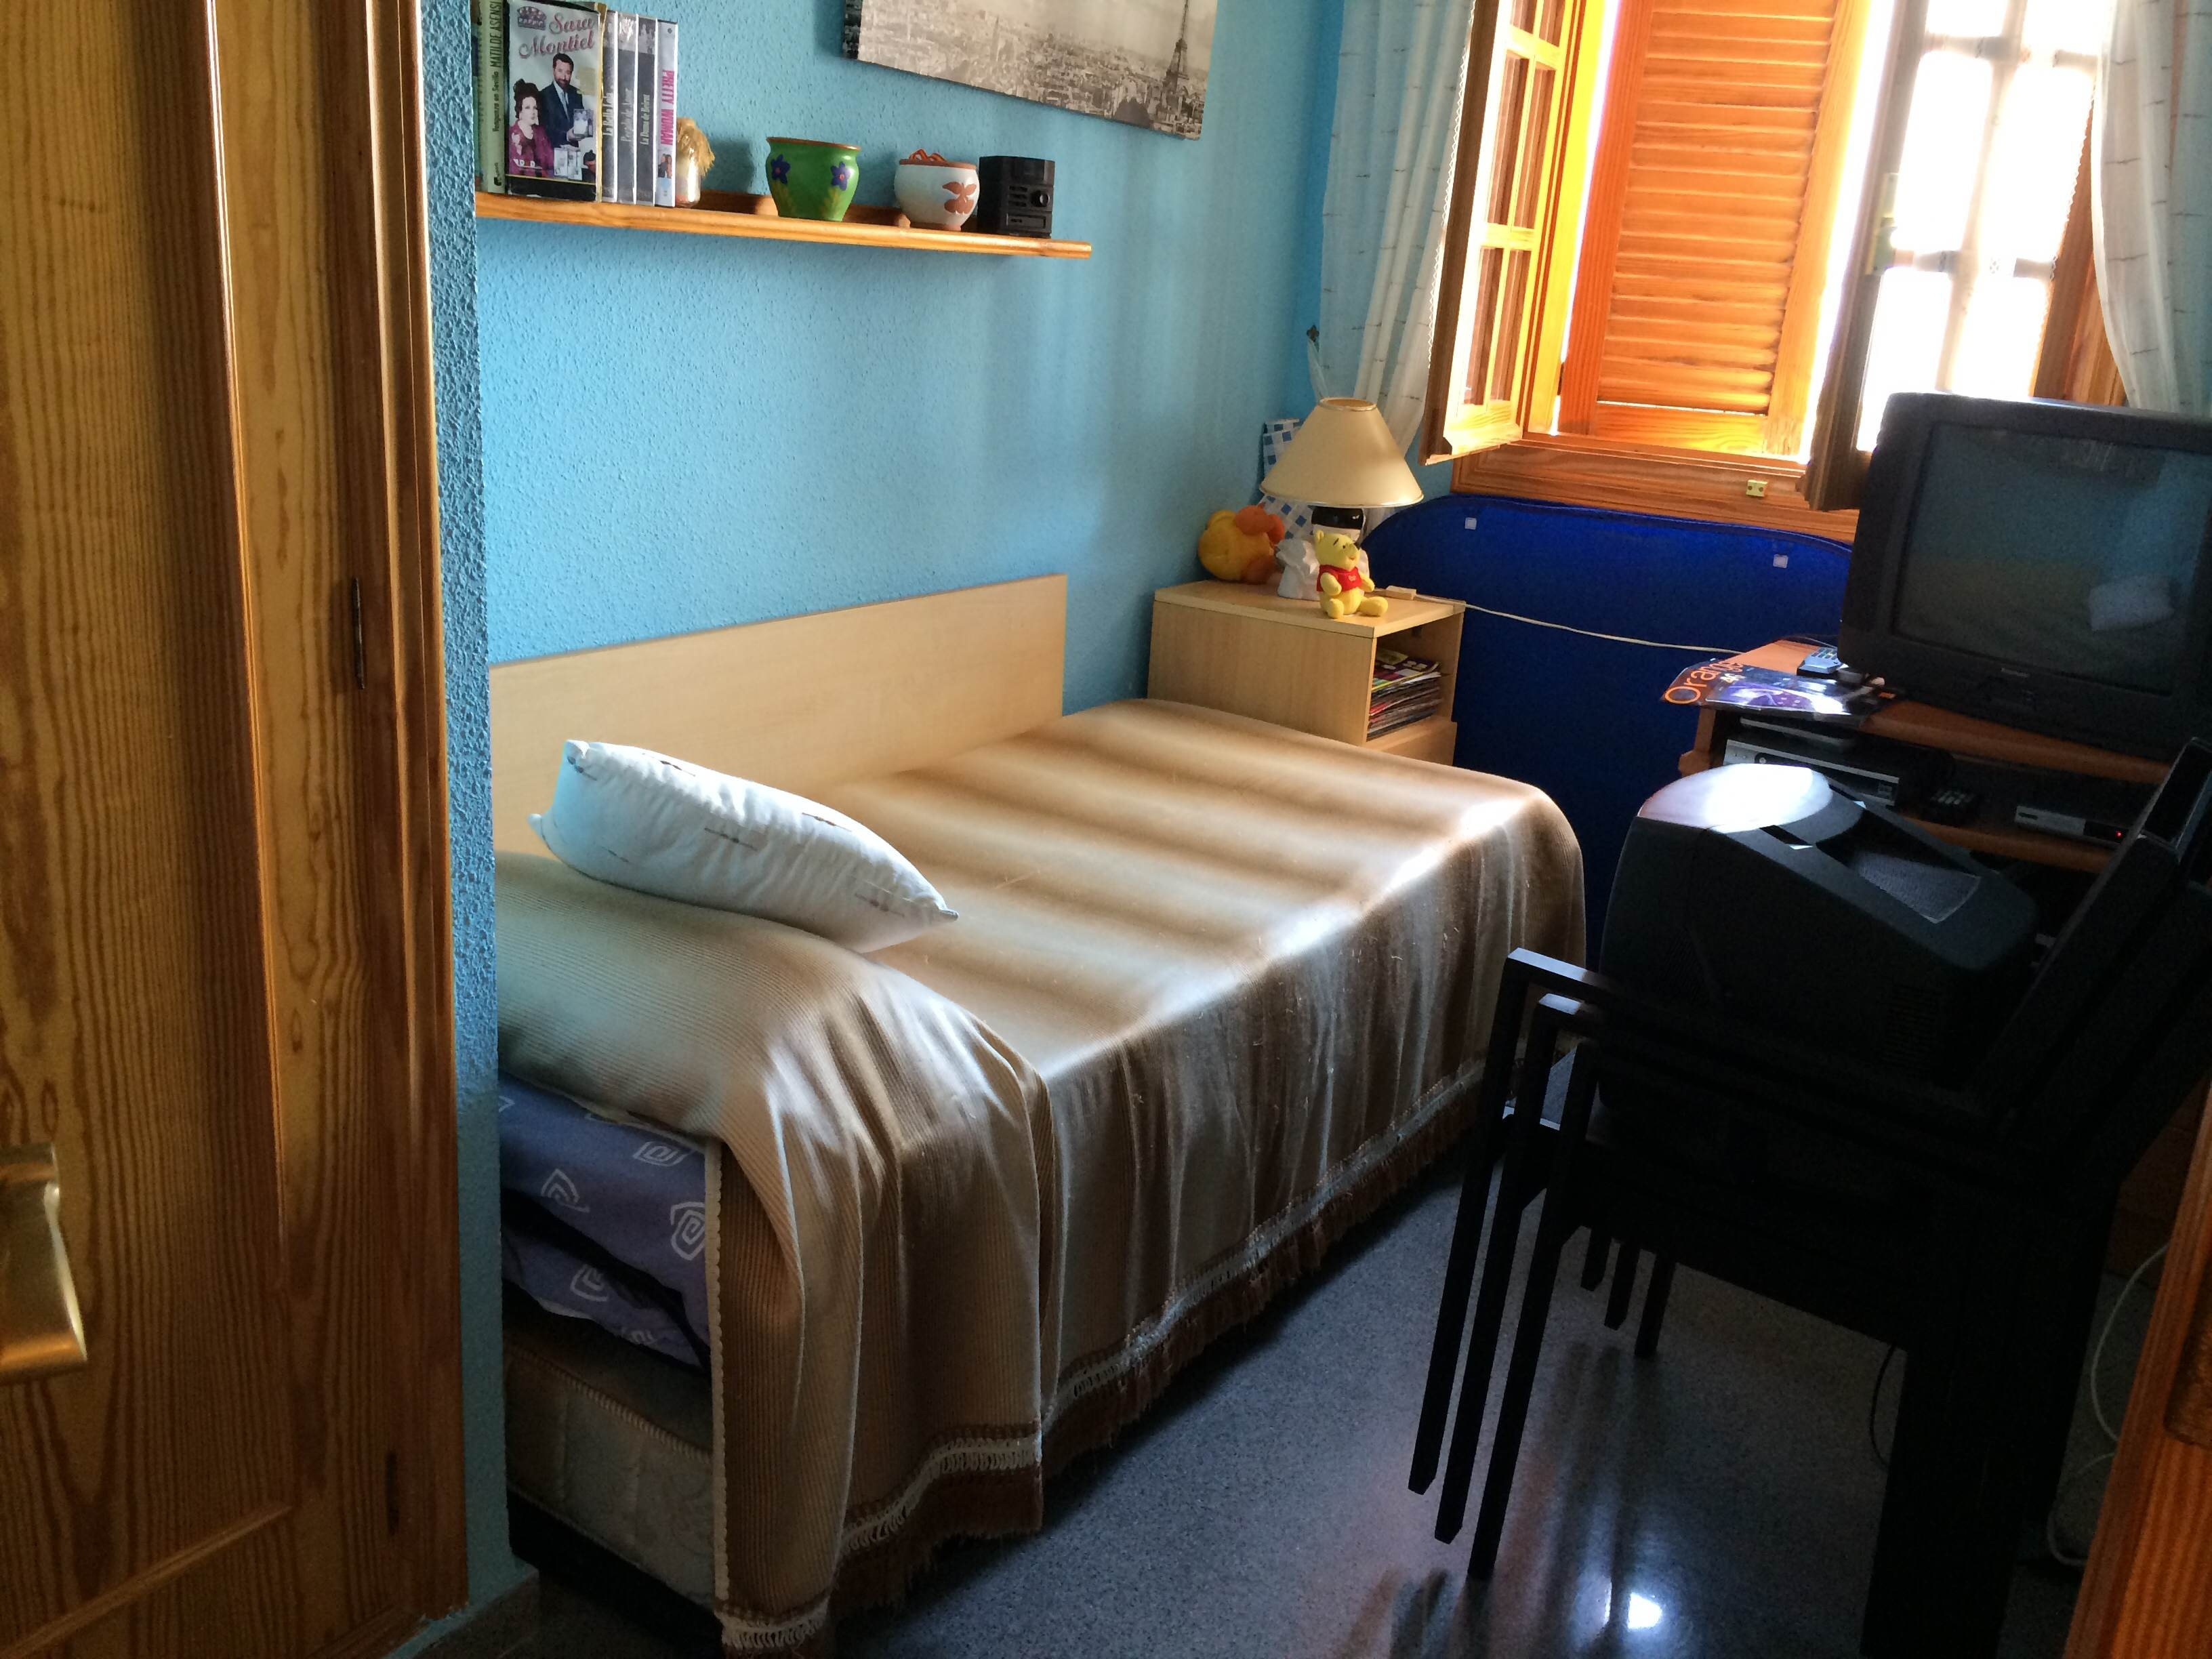 Inmobiliaria gestitur apartamento en cap blanc cap blanc 4143 apartamento en cap blanc - Venta apartamentos en cullera ...